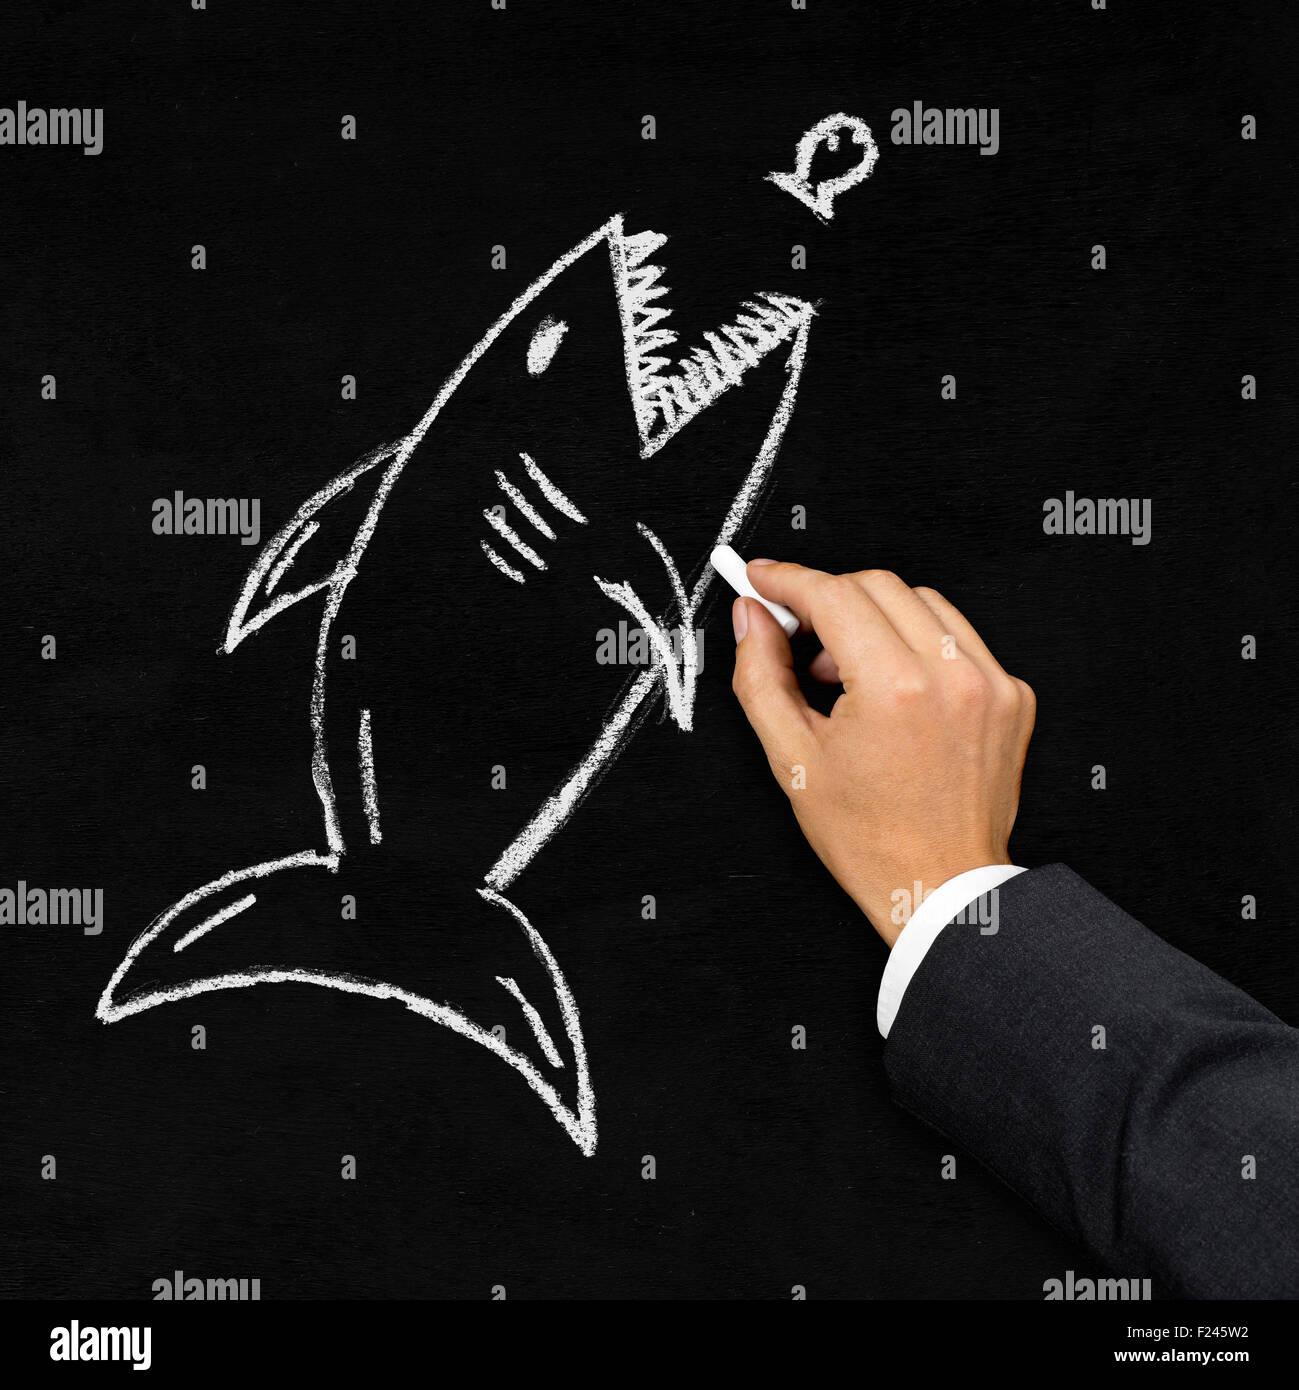 Imprenditore squalo di disegno Caccia piccoli pesci con un gessetto sulla lavagna - acquisizione, sfida o il concetto Immagini Stock